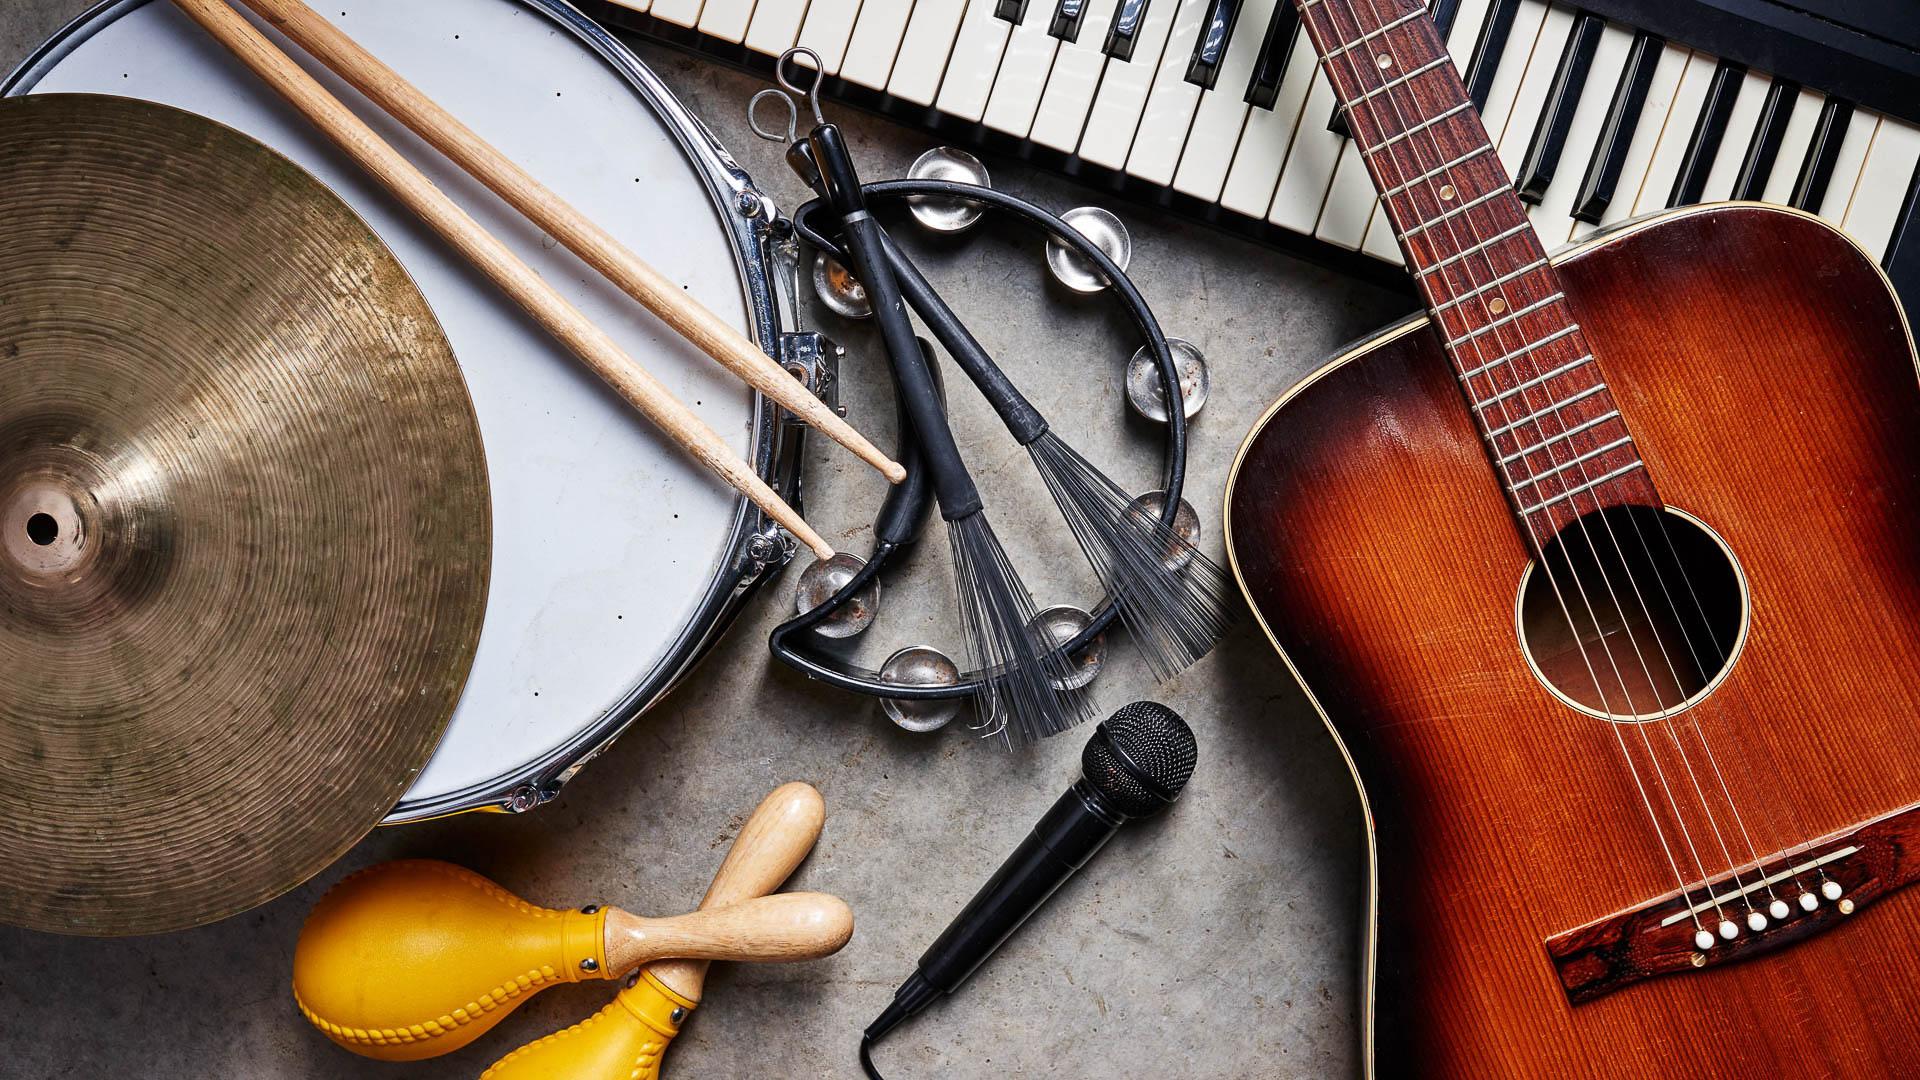 Картинка с музыкальным инструментом, тему лето для